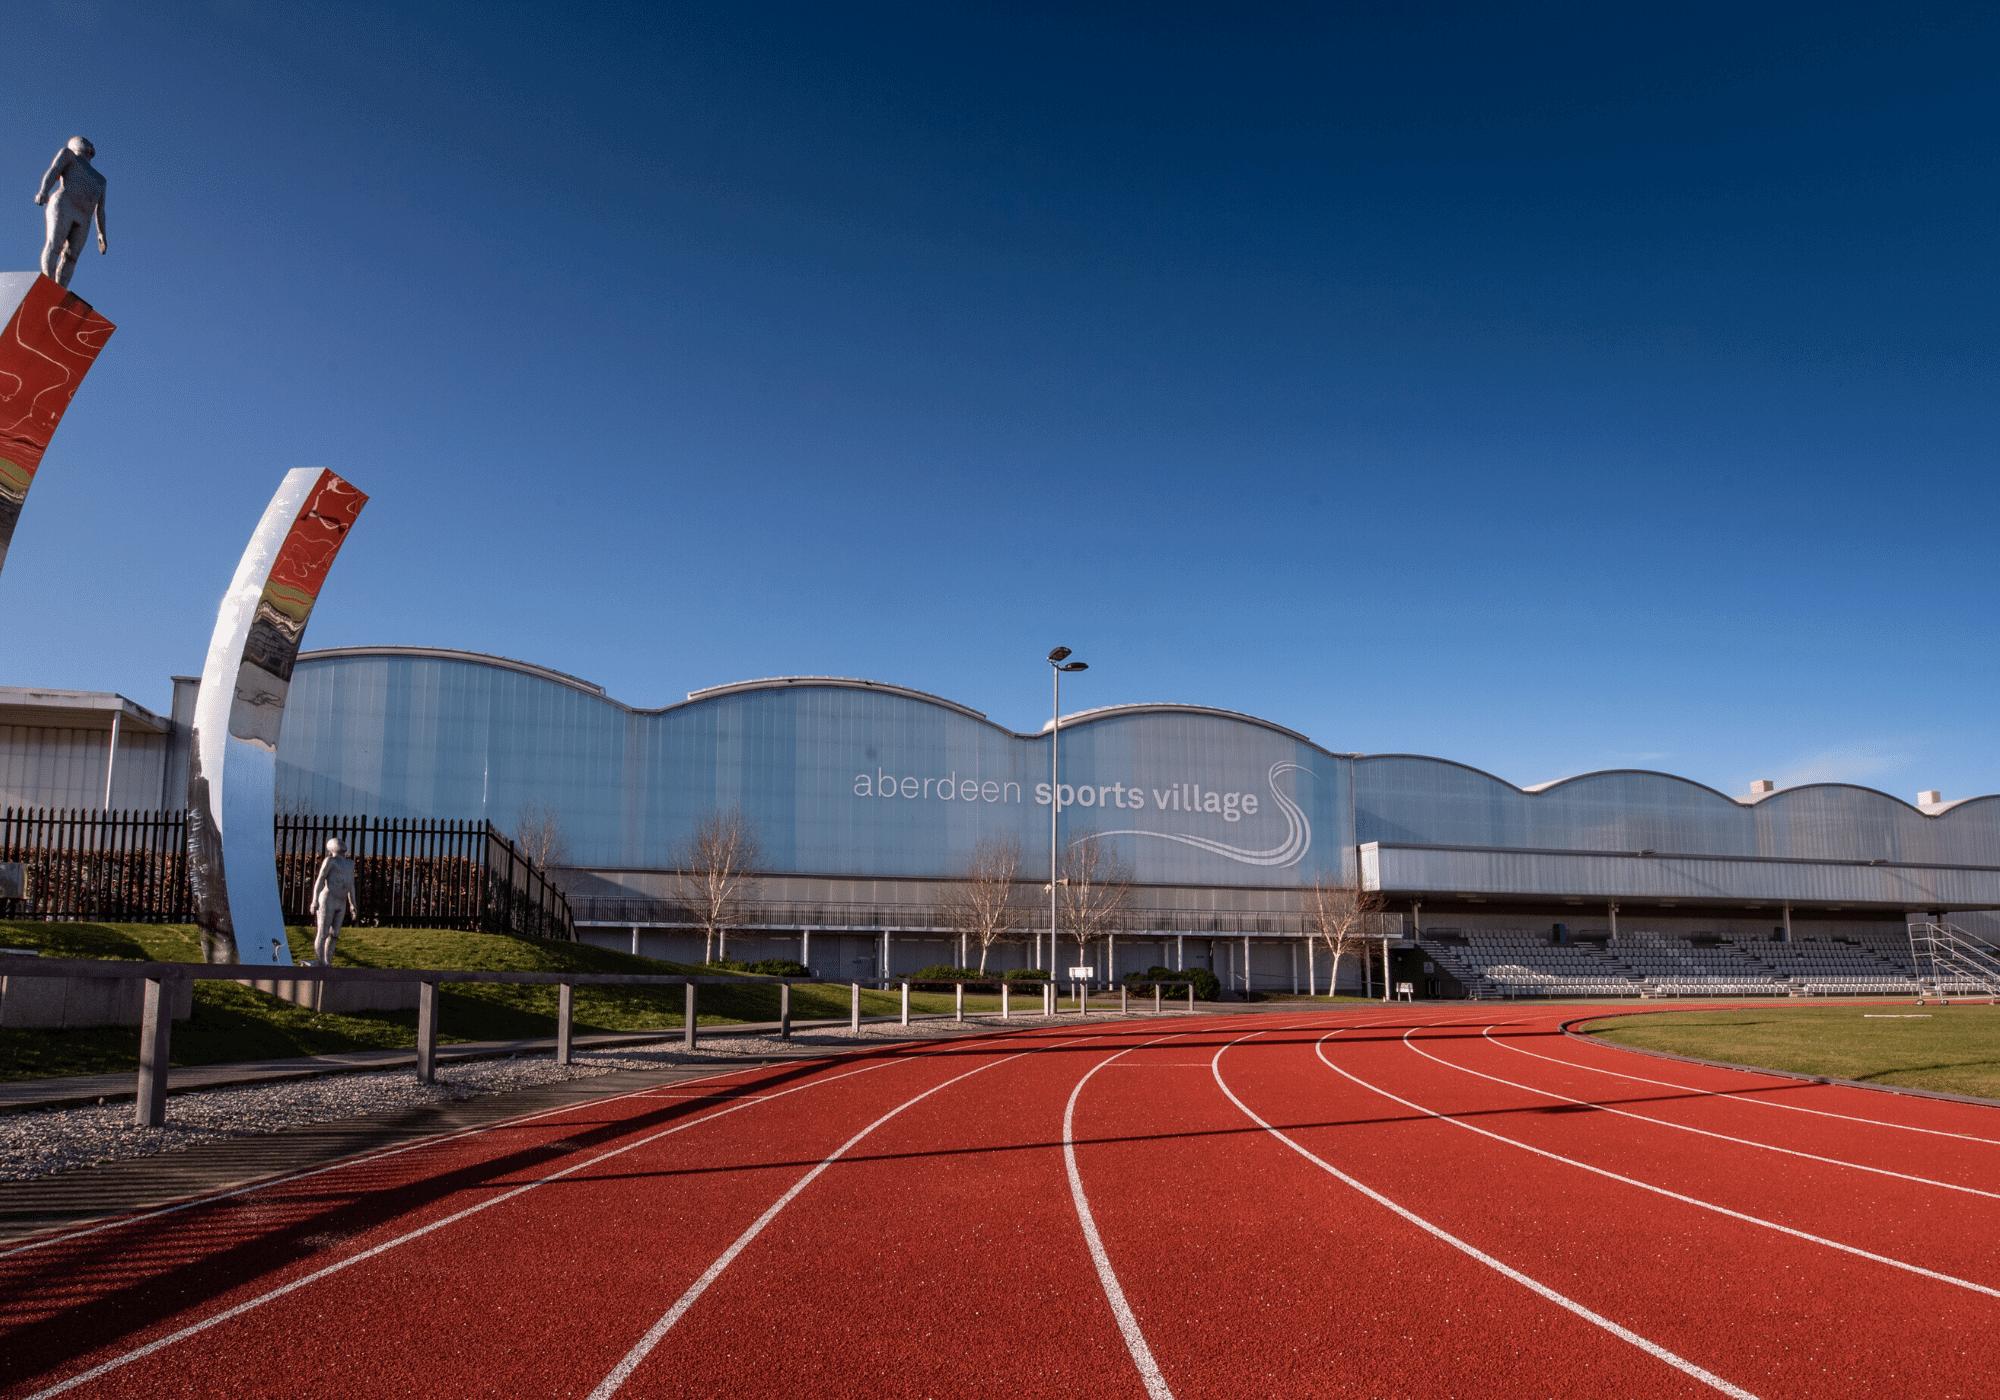 Aberdeen Sports Village running track